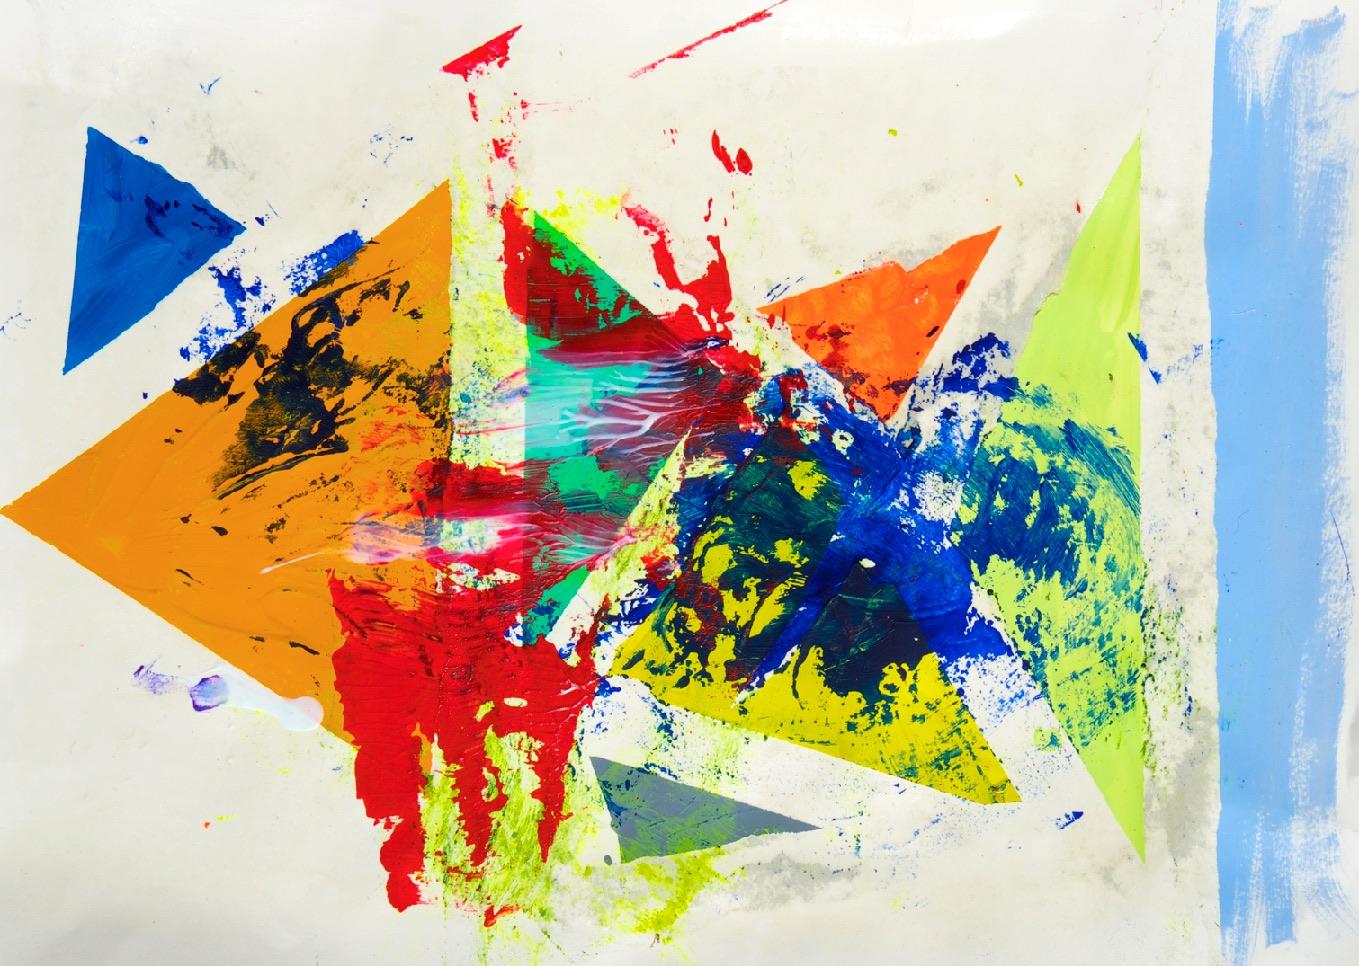 Sommer 2015 Theresa Kallrath KALLART Kunstakademie Düsseldorf 2015 ART Abstract ART Abstracte Kunst Modern Funky NEON LOVE PEACE 14